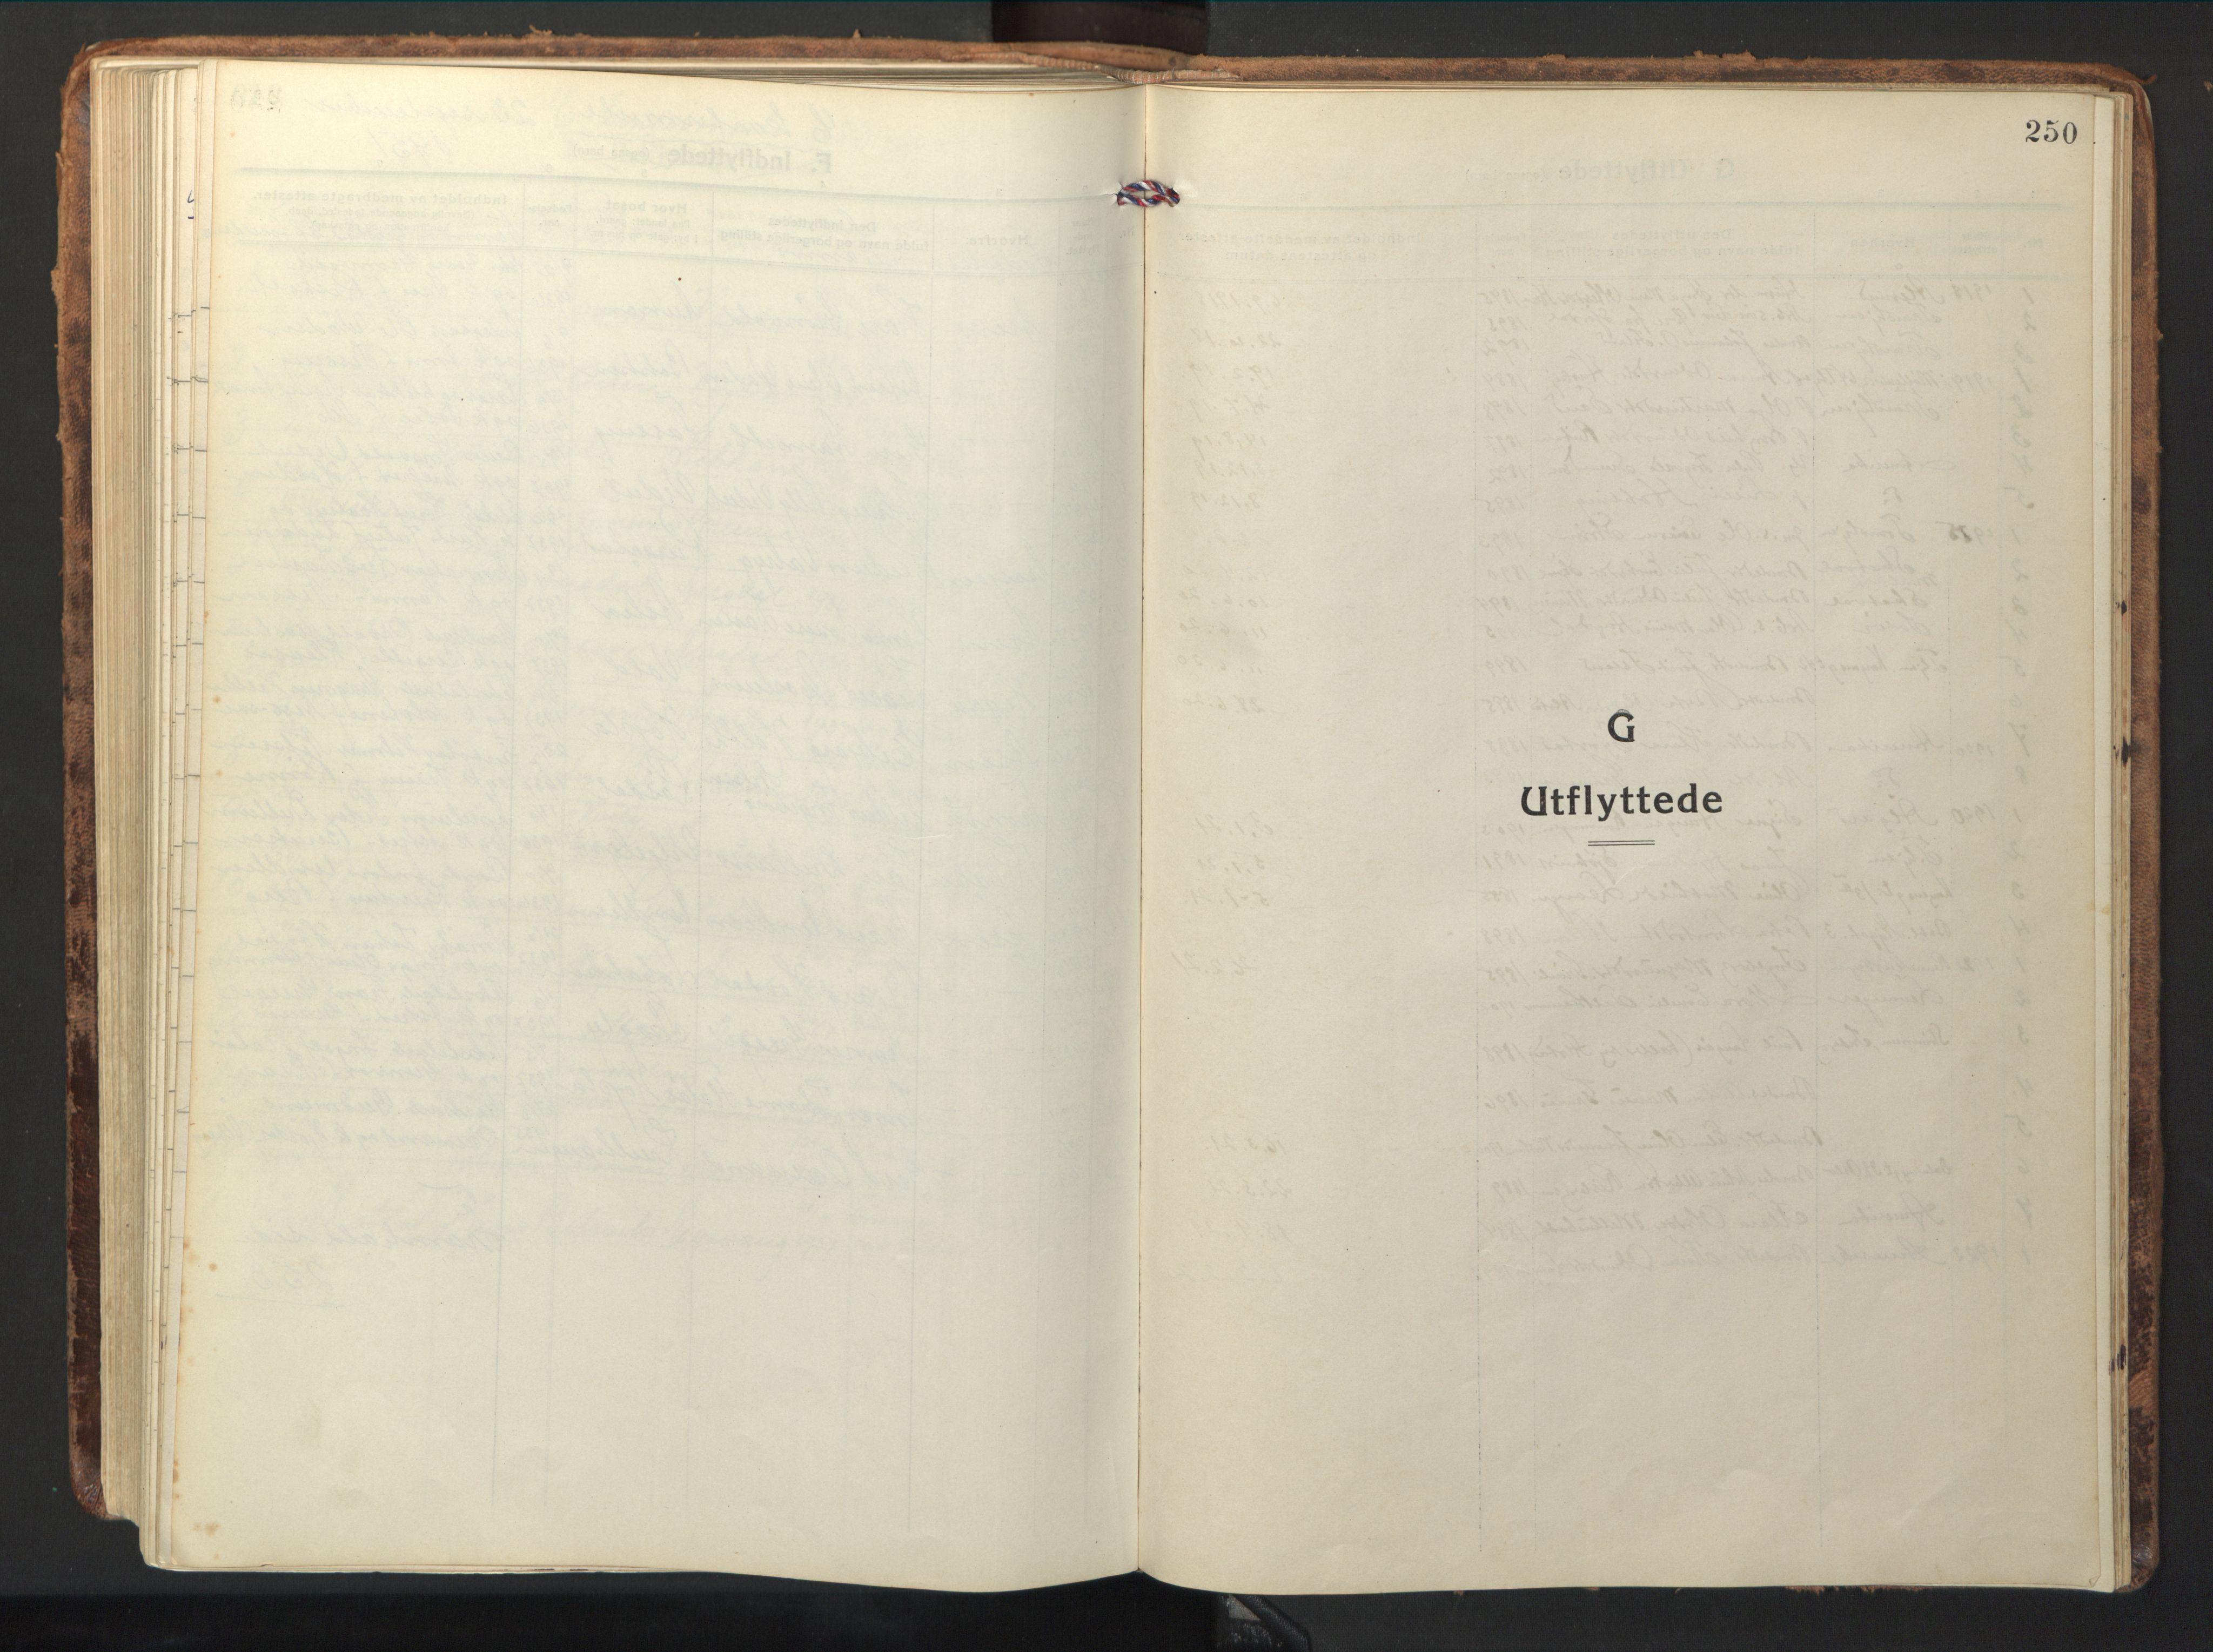 SAT, Ministerialprotokoller, klokkerbøker og fødselsregistre - Nord-Trøndelag, 714/L0136: Parish register (copy) no. 714C05, 1918-1957, p. 250